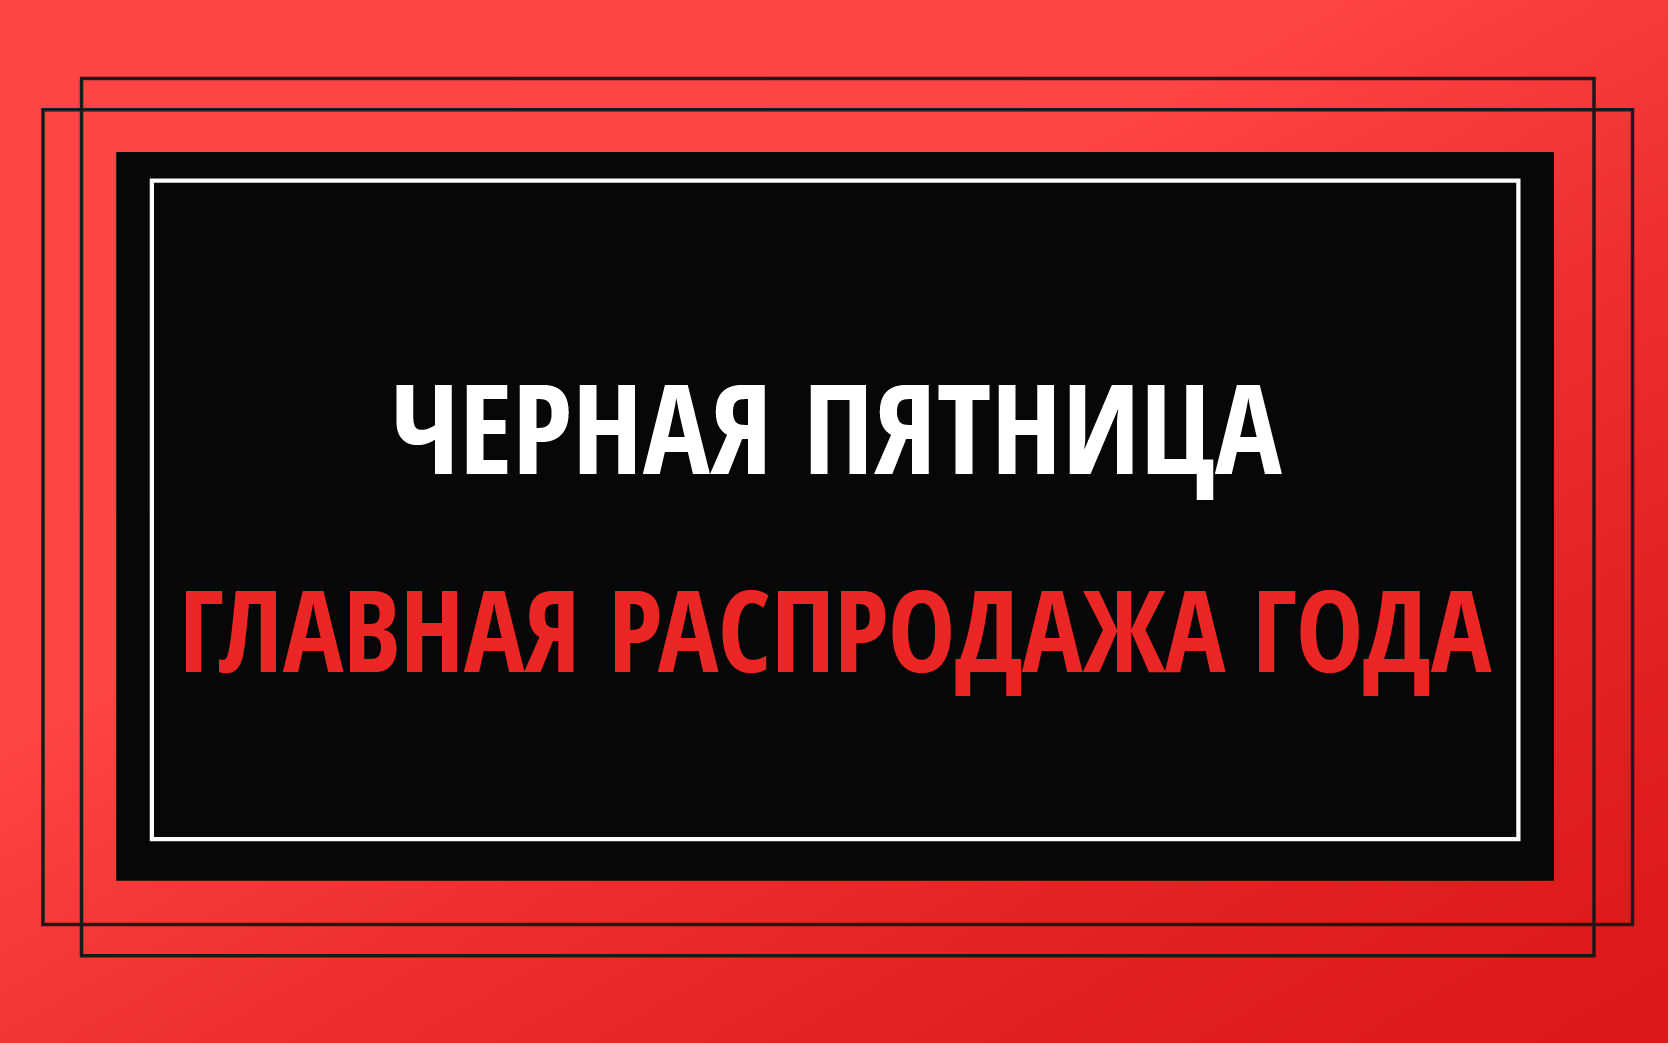 Черная Пятница: не пропустите Главную оптовую распродажу года!